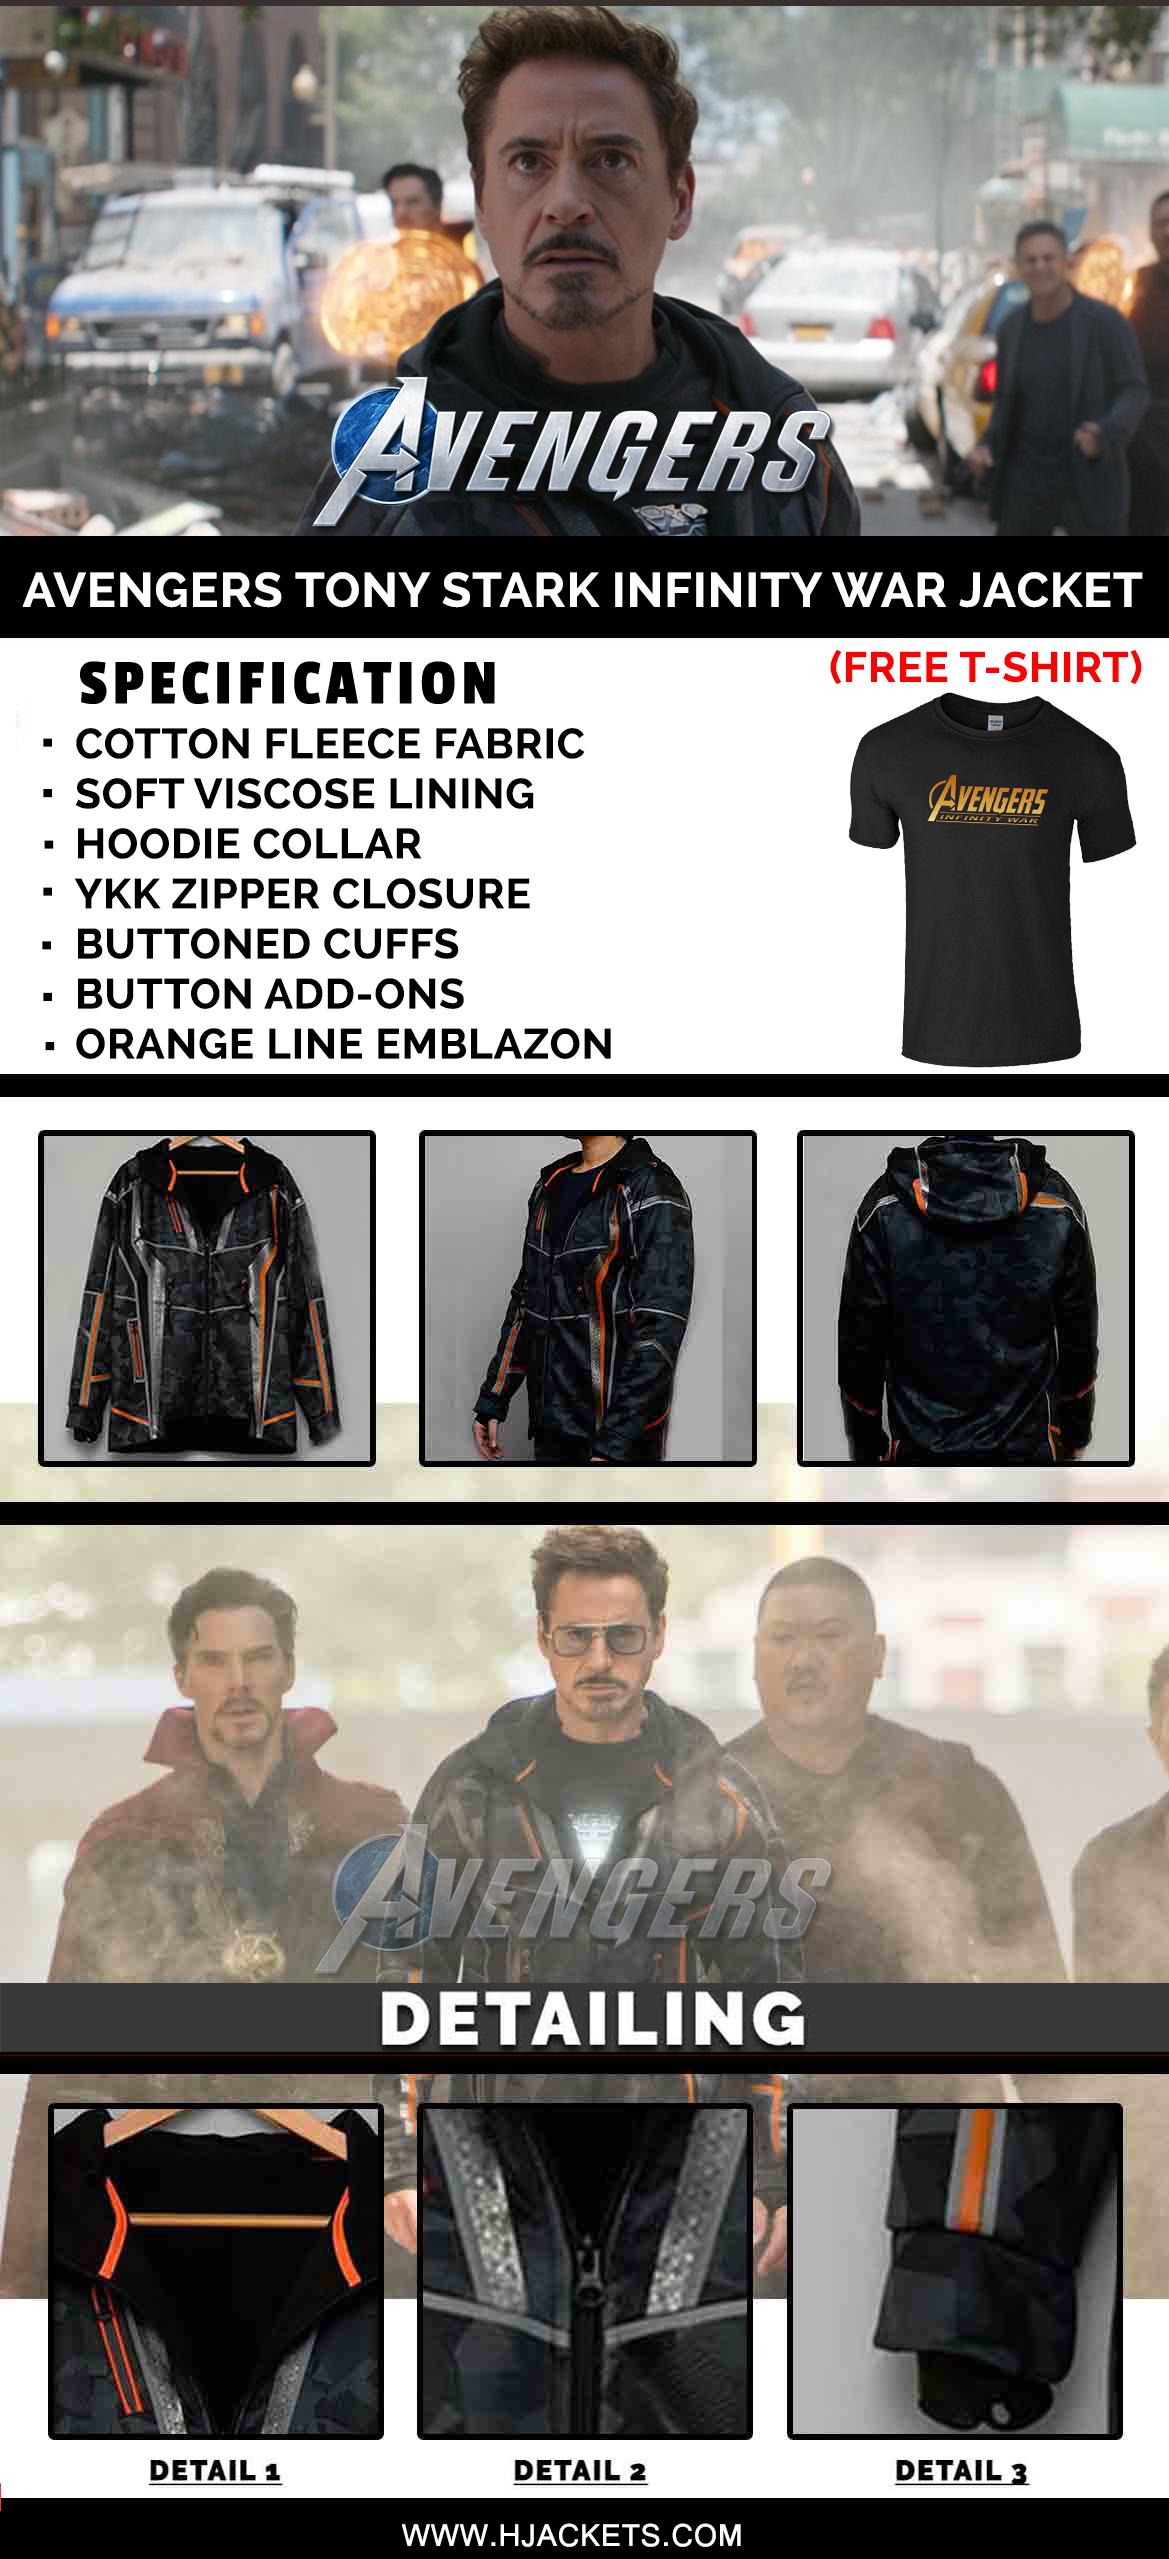 iron-man tony stark jacket infographic